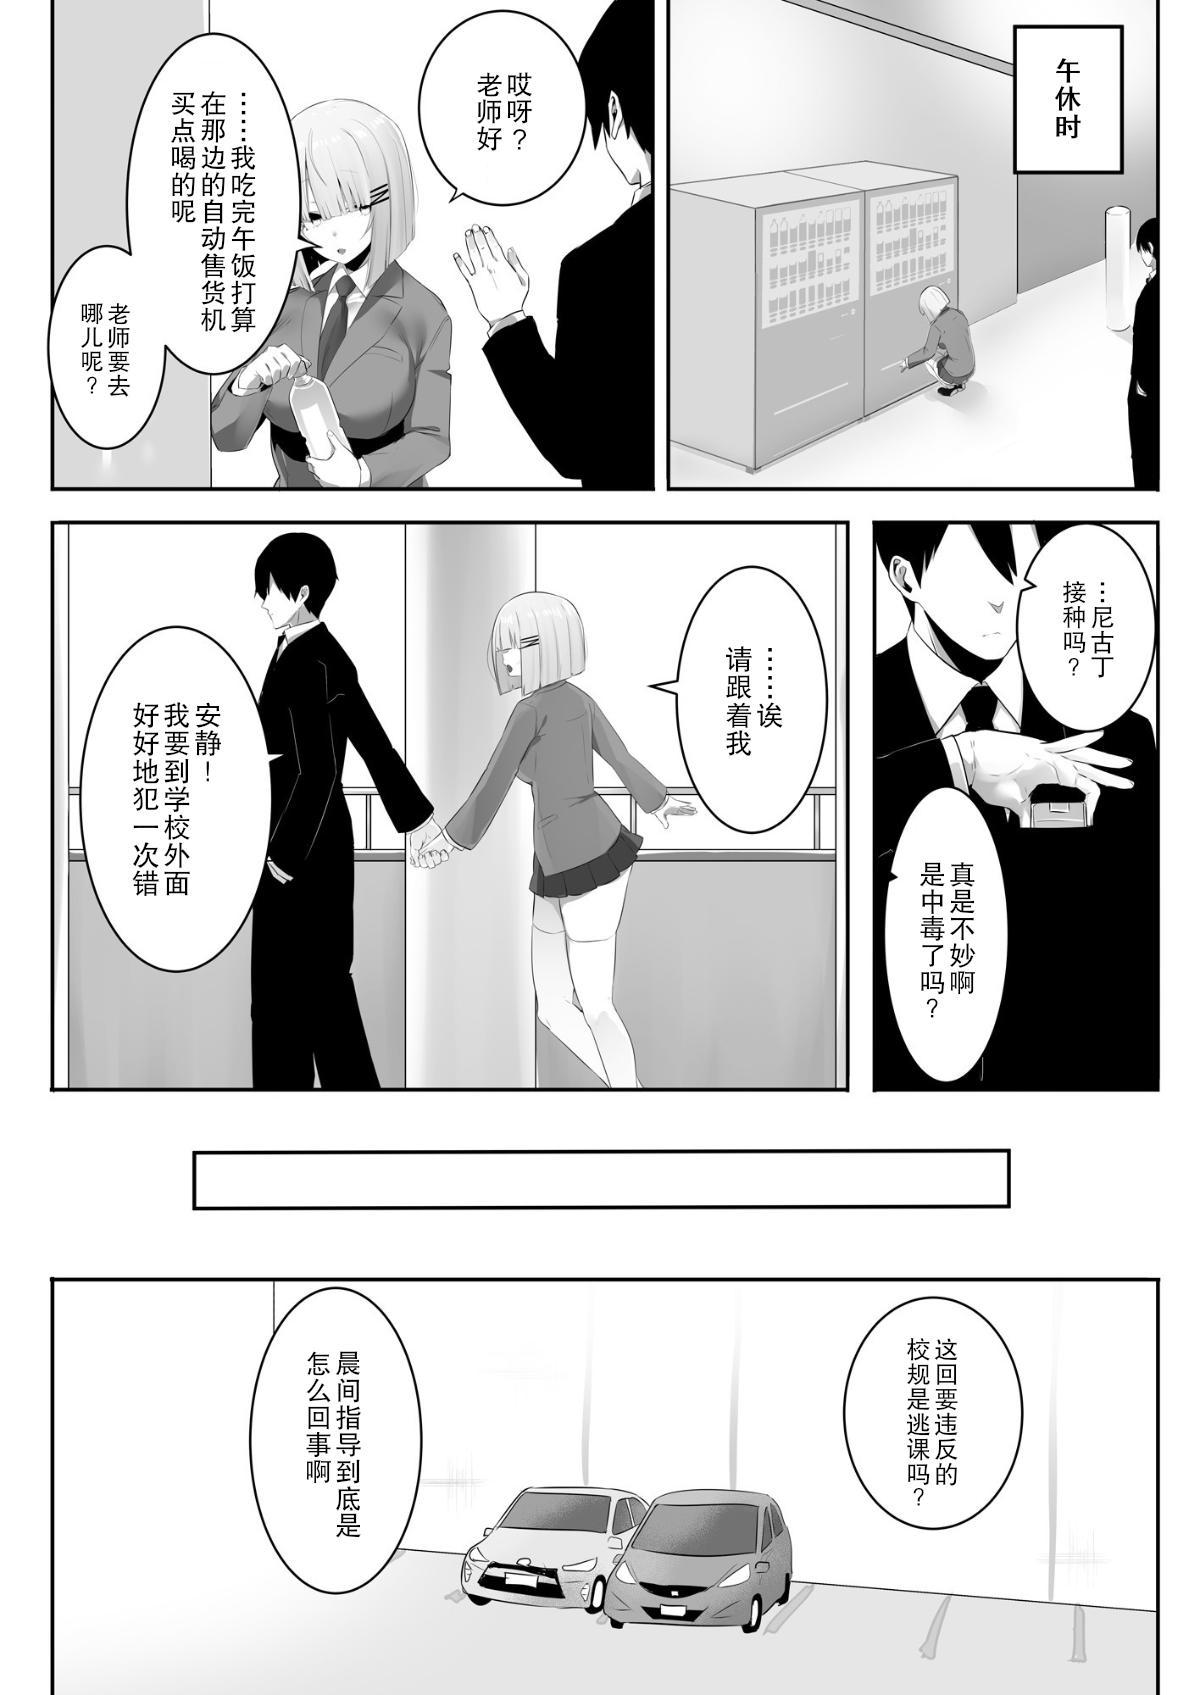 [Ofuton de Suyaa (Mitsudoue)] Onsei Keishiki de Oshiego to Amaama Ecchi[Chinese]【不可视汉化】 16